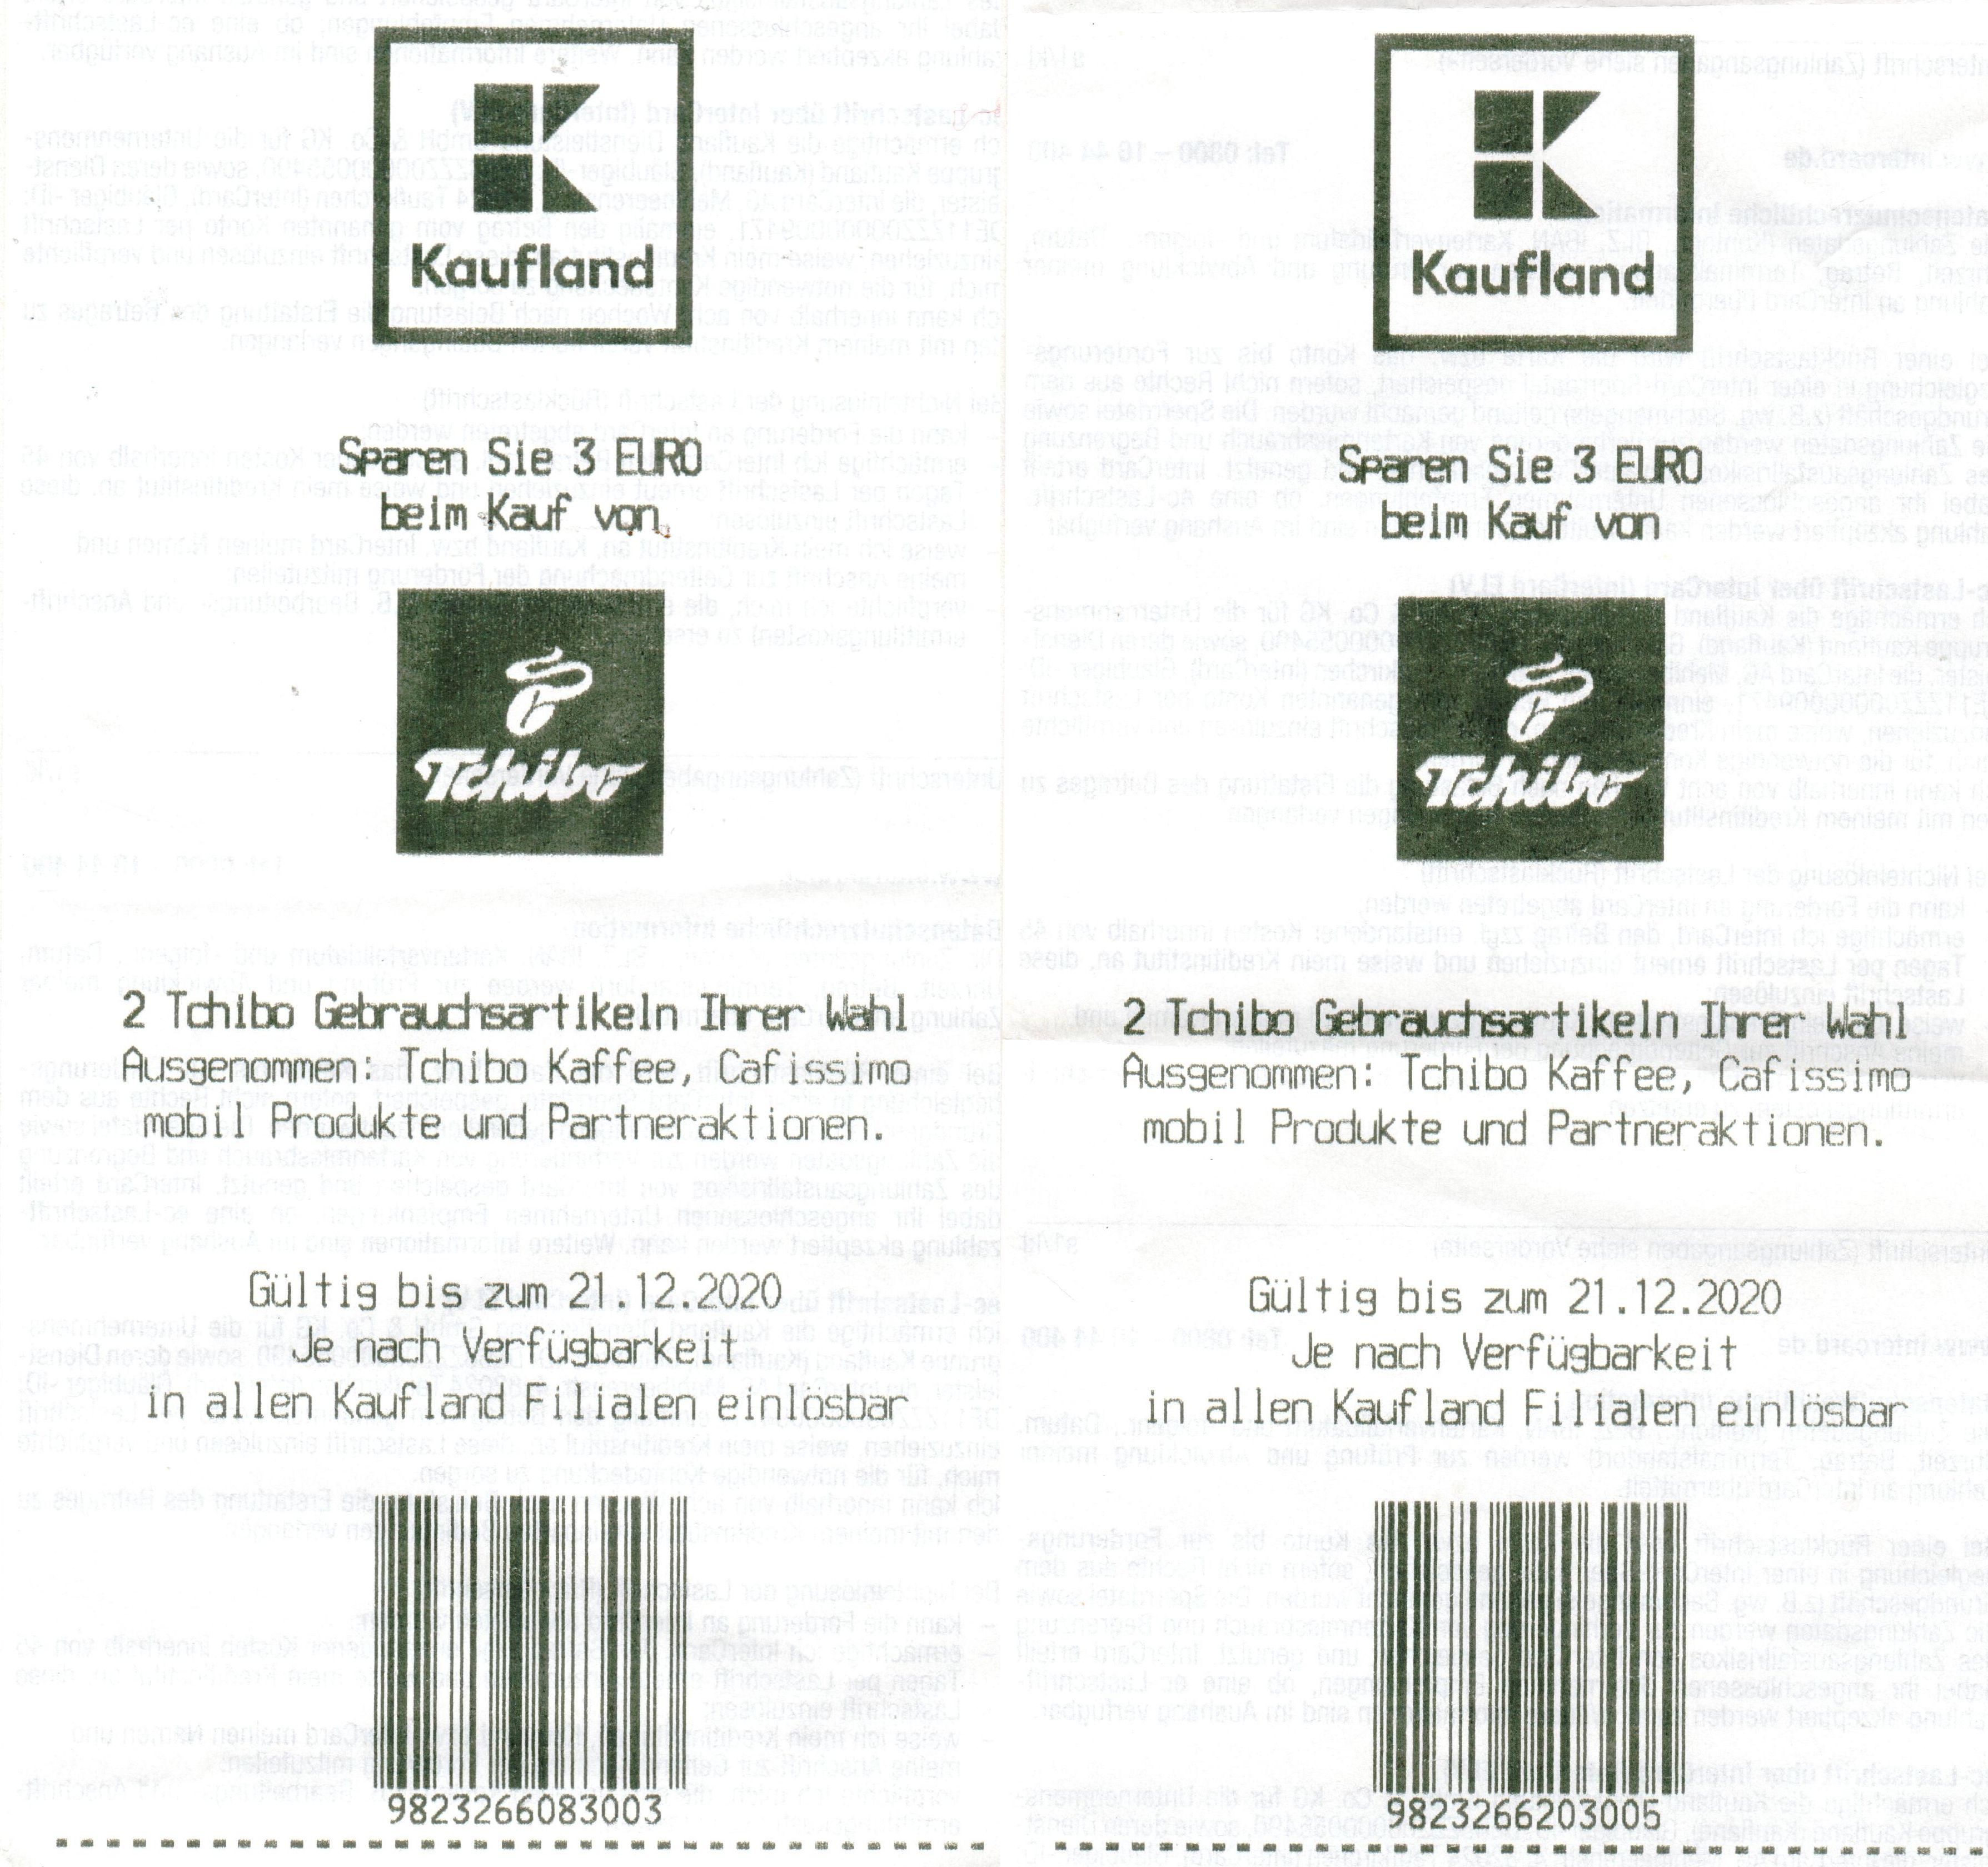 [KAUFLAND] 2x 3€ Coupon für 2x Tchibo Gebrauchsartikel bis 21.12.2020 // 1x bis 08.12.2020